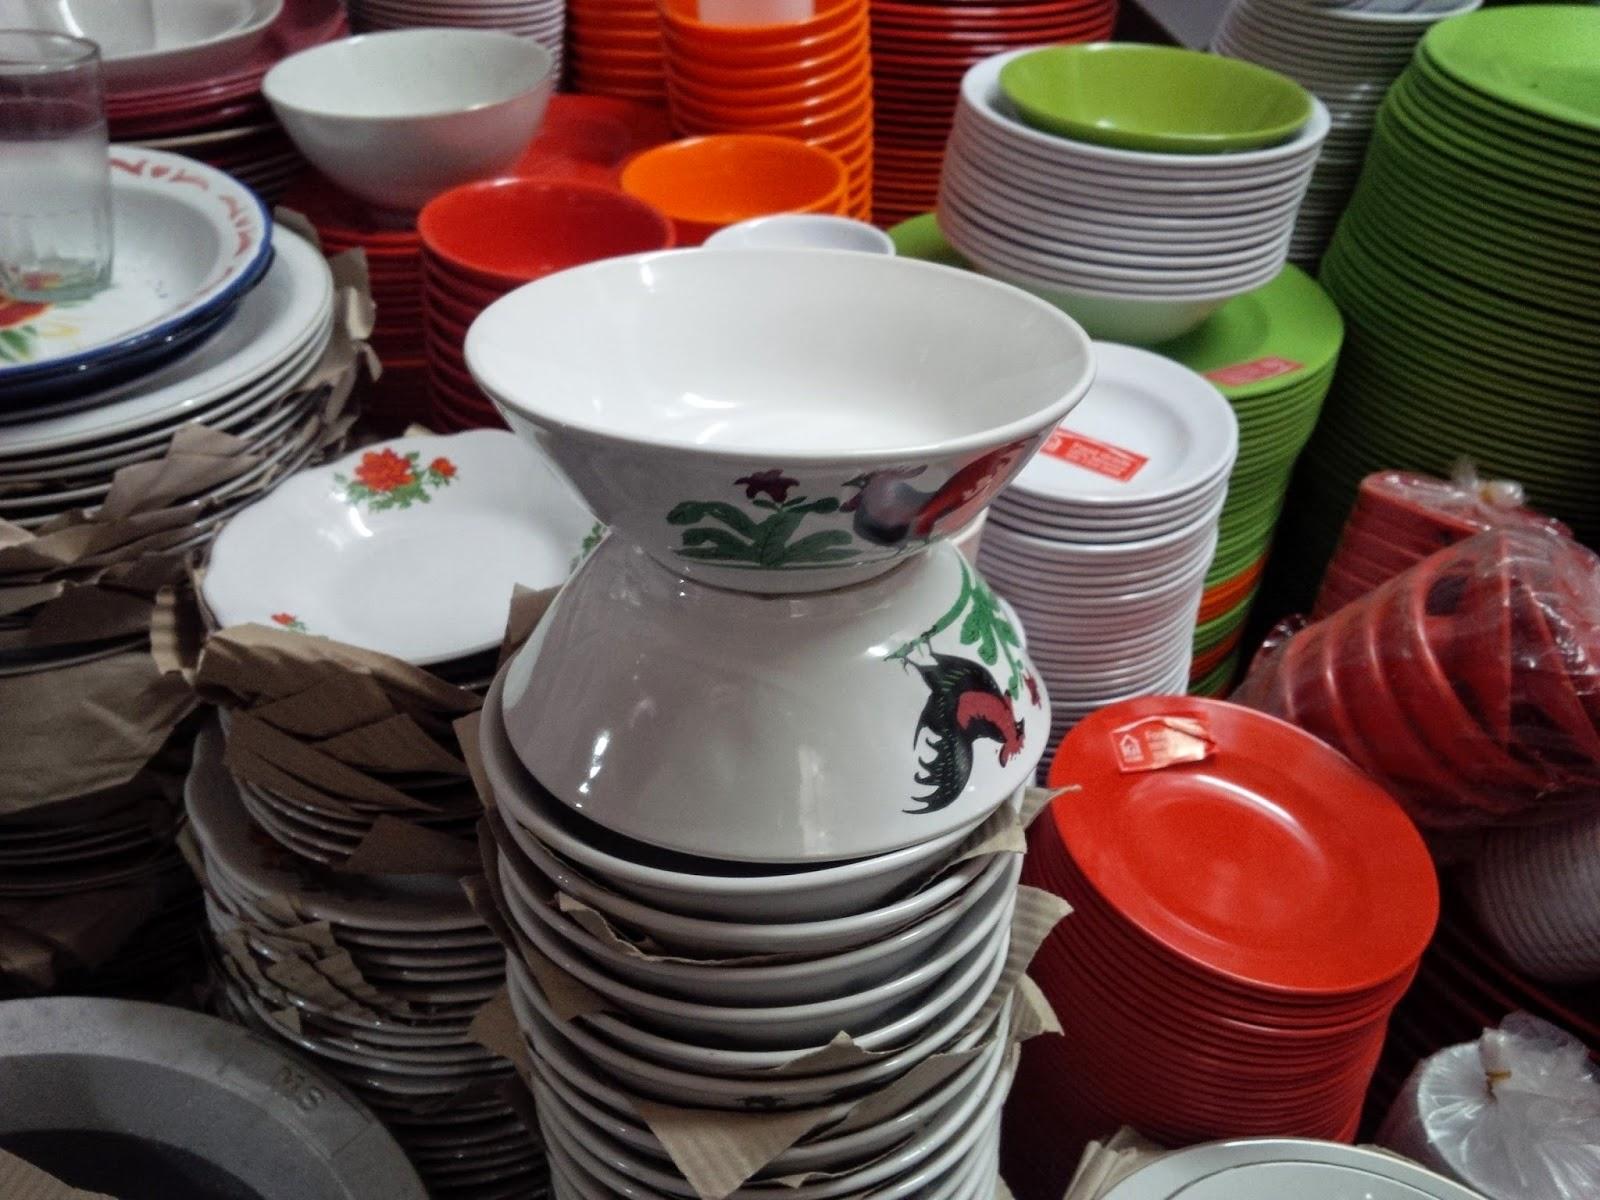 meski asal mulanya dari China, namun mangkuk ini telah diproduksi secara massal dengan kualitas yang berbeda tentunya, tetapi tetap mempertahankan motif gambar ayam tersebut (foto: www.harianindo.com)